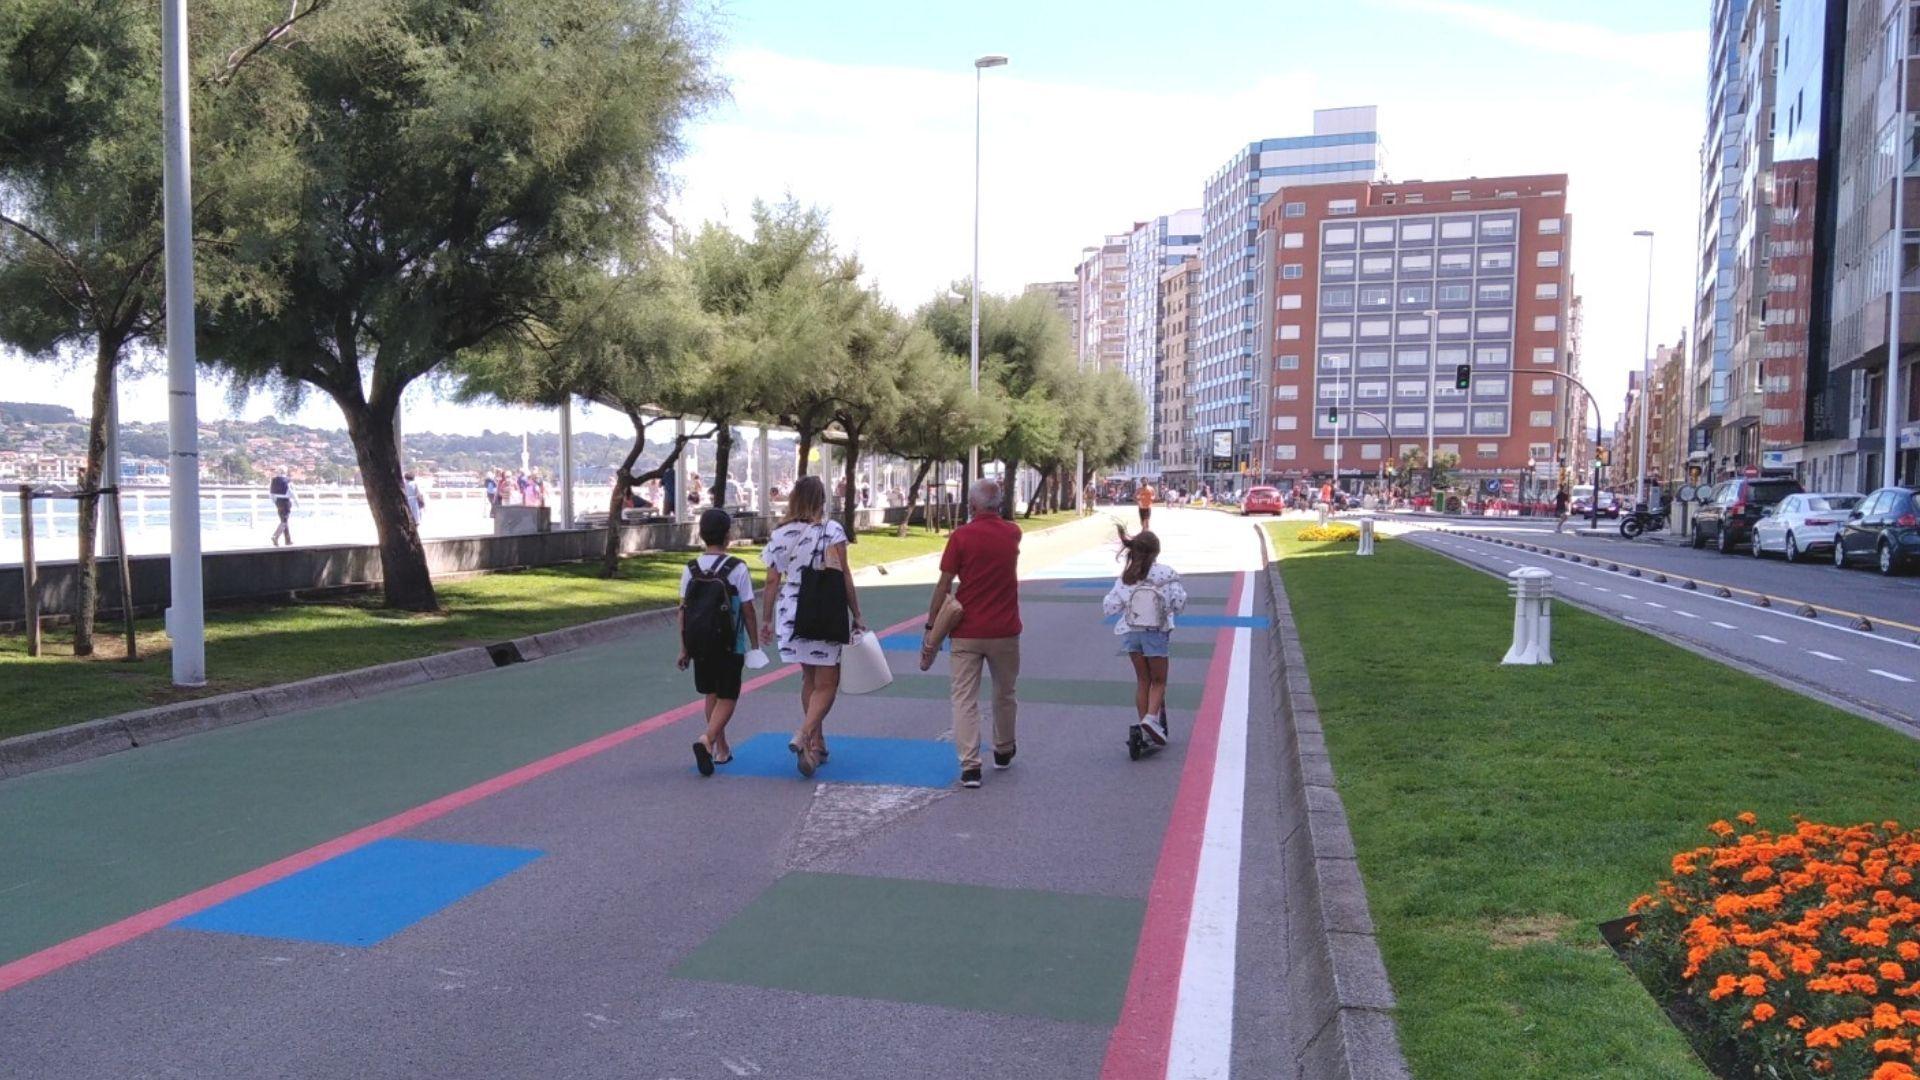 paseo muro de san lorenzo gijon.Paseantes por la nueva zona peatonal habilitada de manera provisional en la calzada del Muro de San Lorenzo